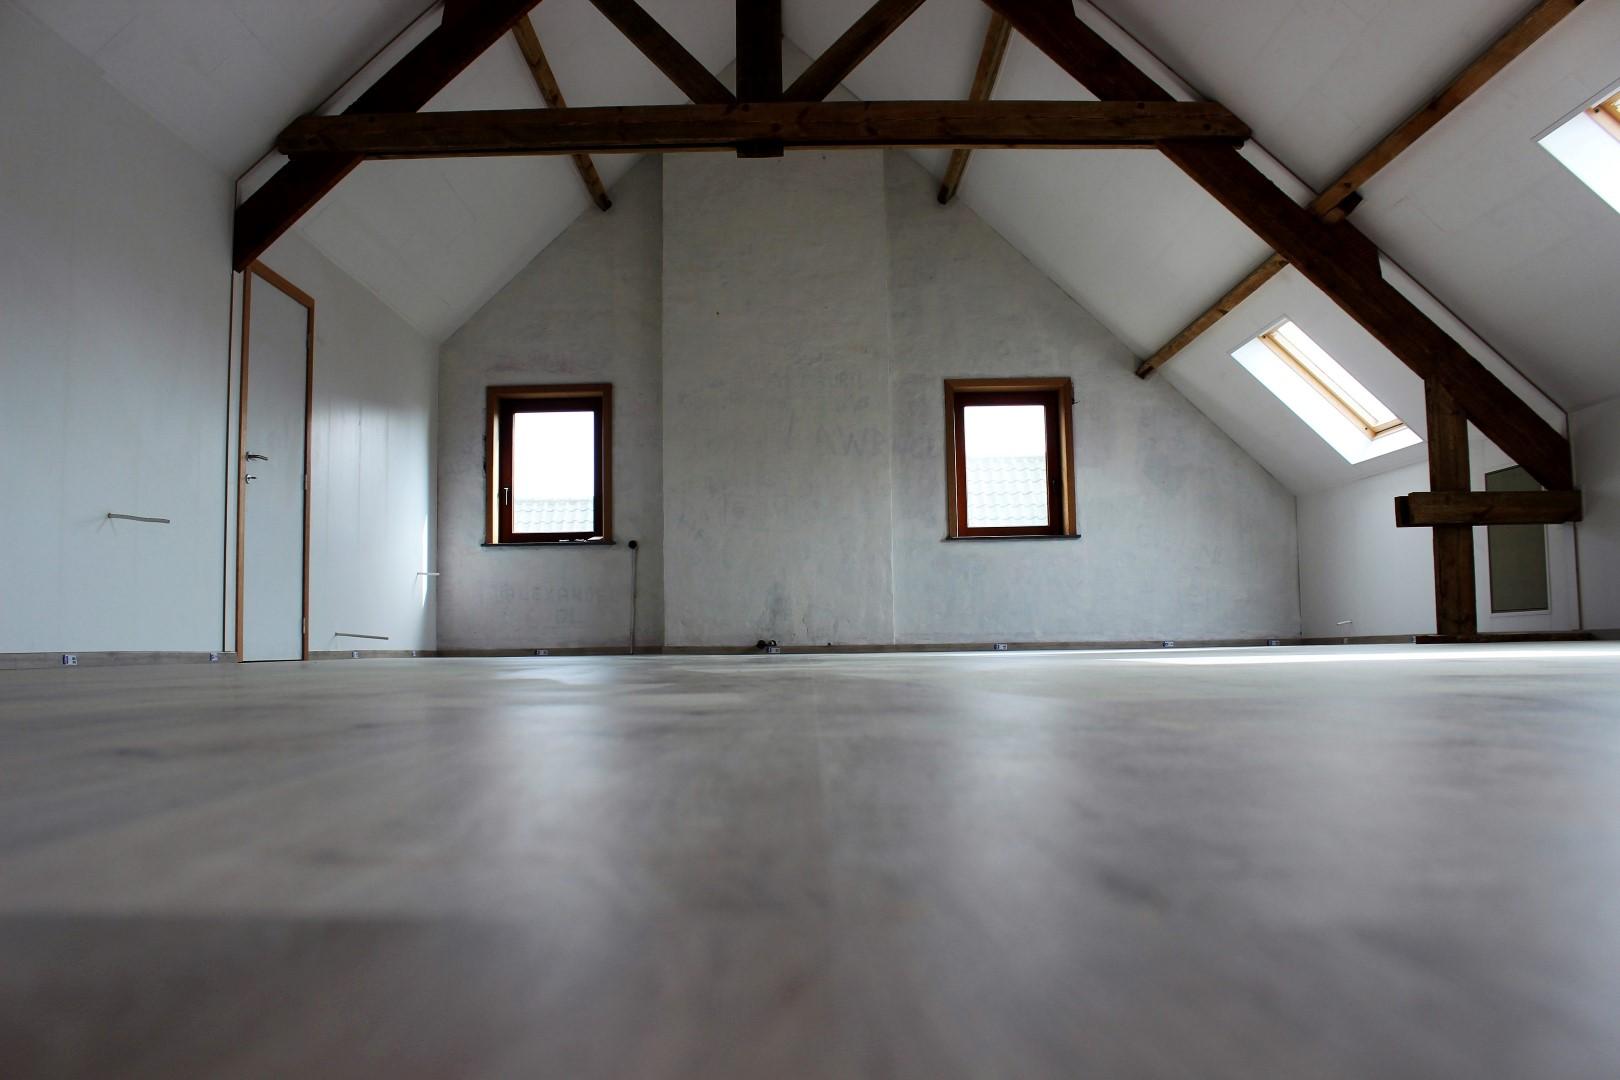 GB Construct, Zolderrenovatie, Panidur, Vloerbekleding, Quick-Step, Afwerking